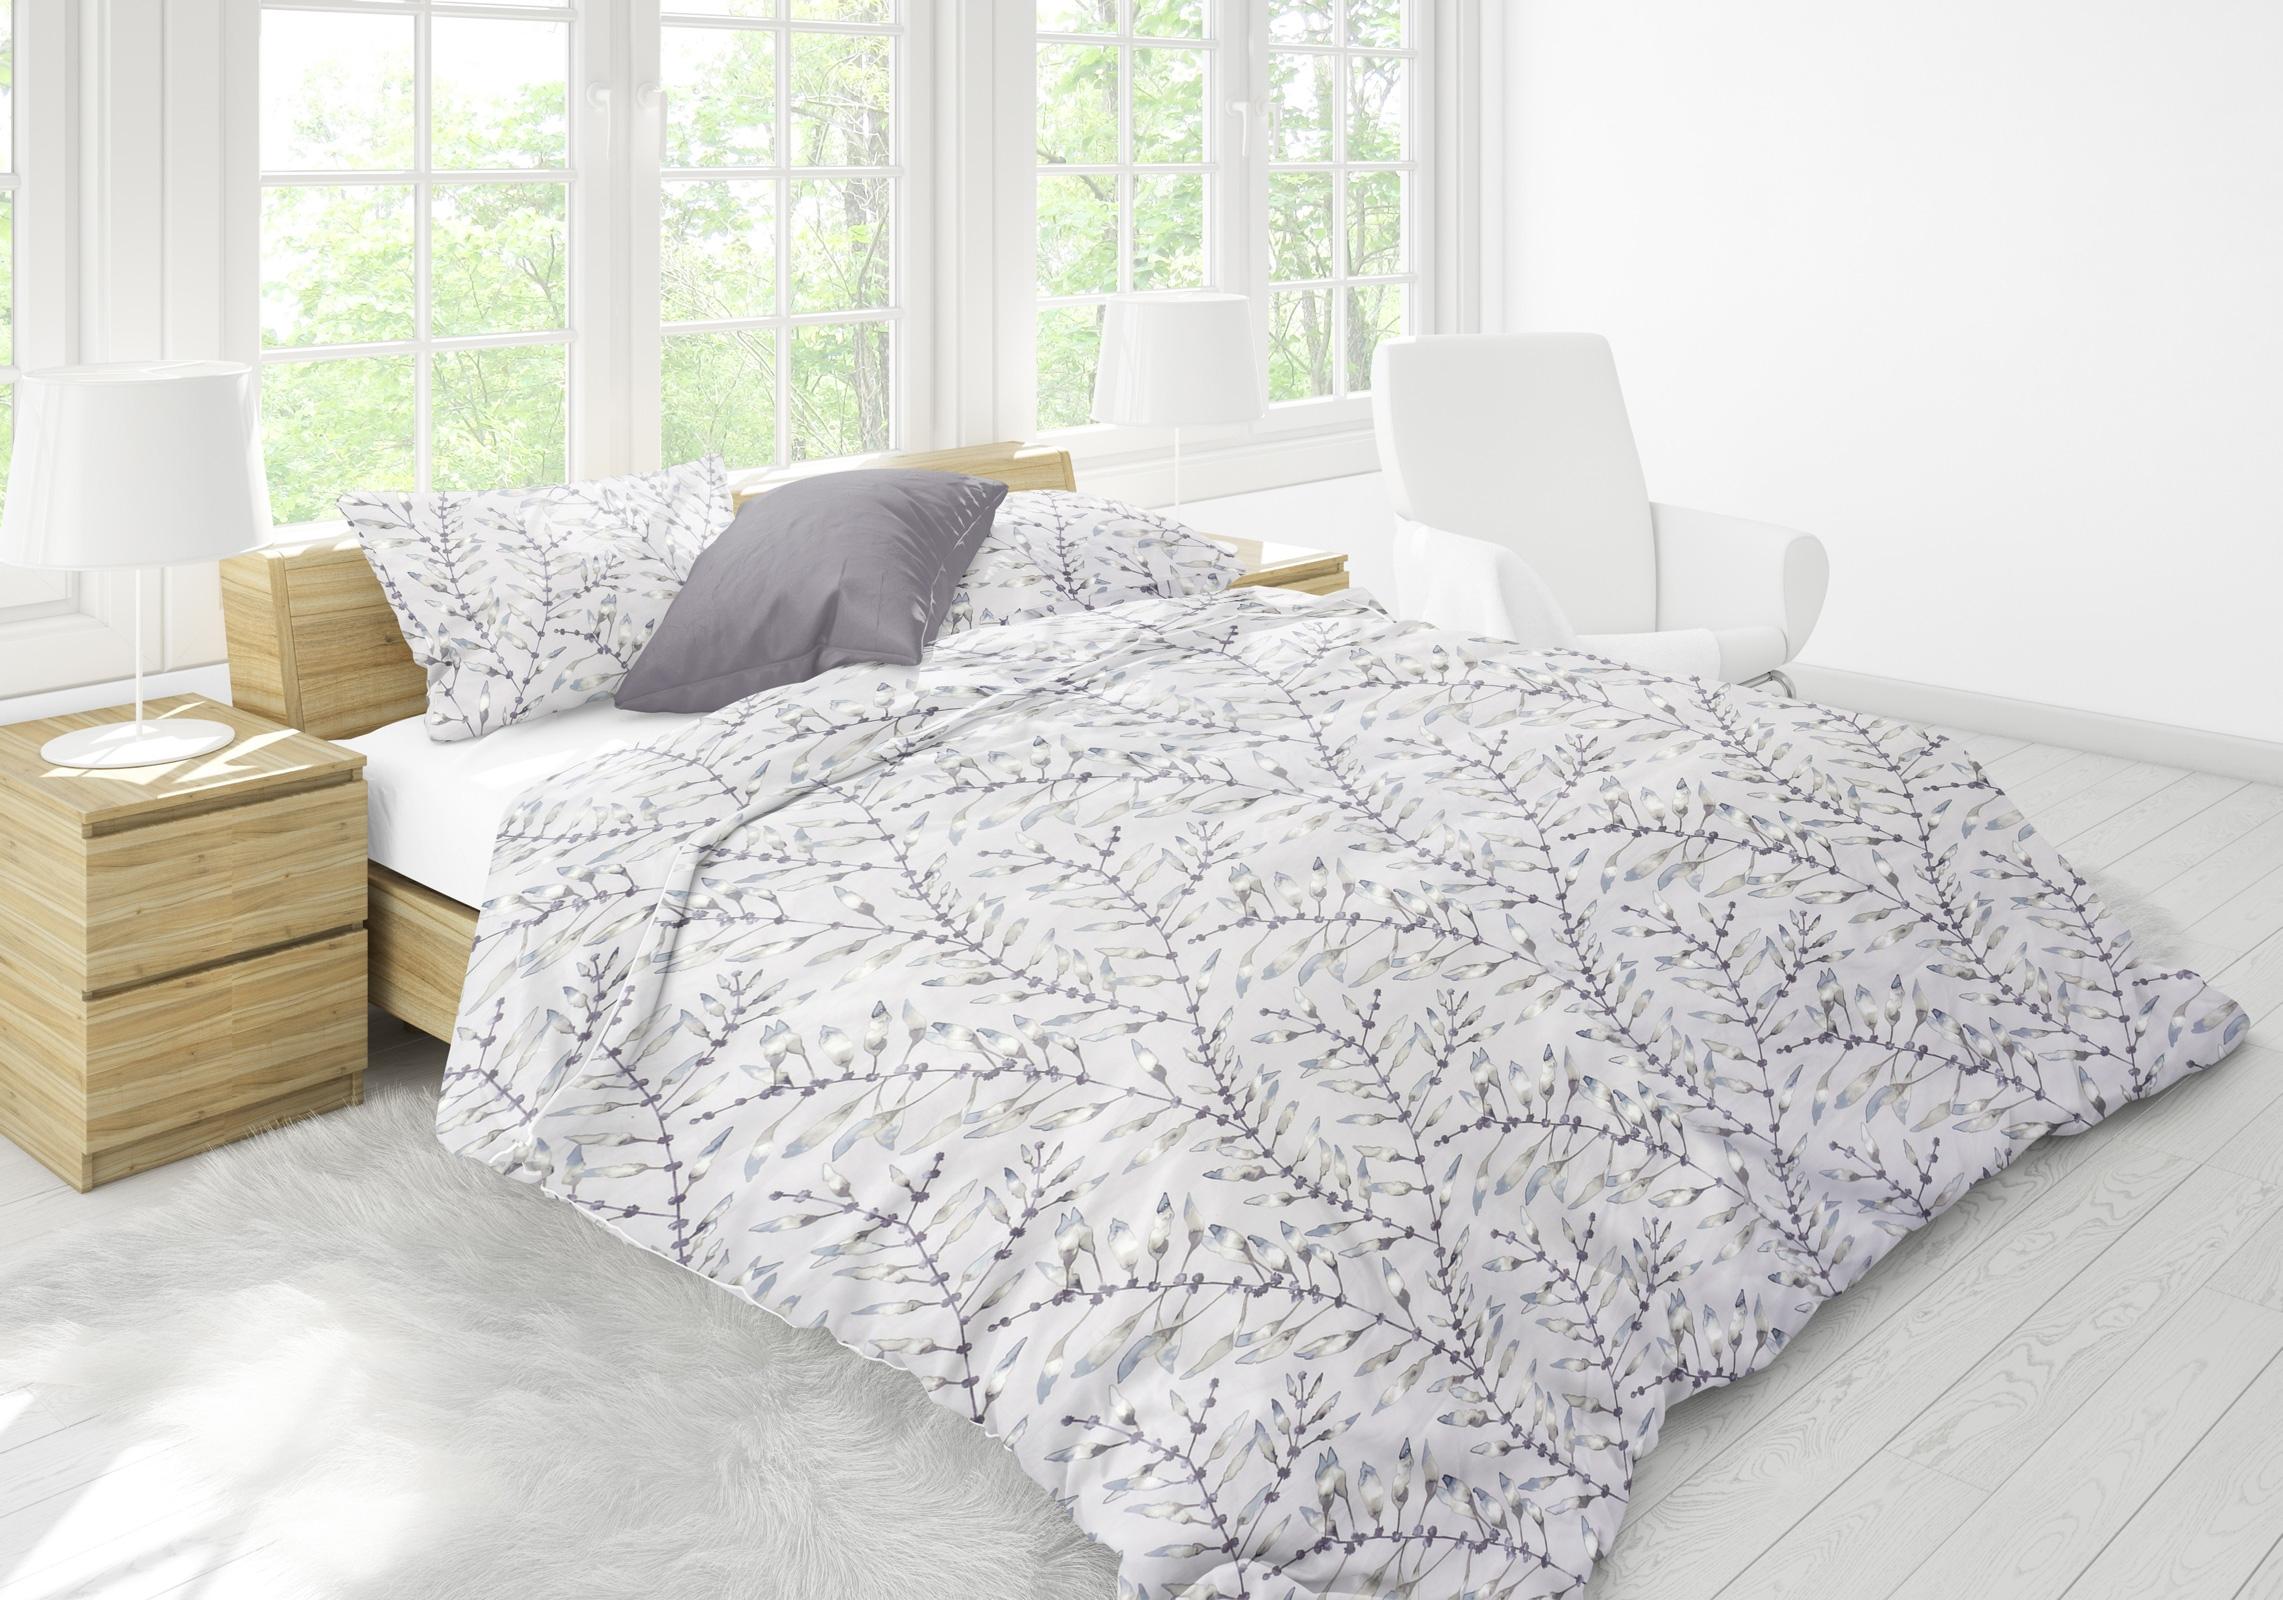 Bettwäsche - P.K. Collection Mako Satin Bettwäsche Chaconia 100 Baumwolle YKK Reißverschluss  - Onlineshop PremiumShop321